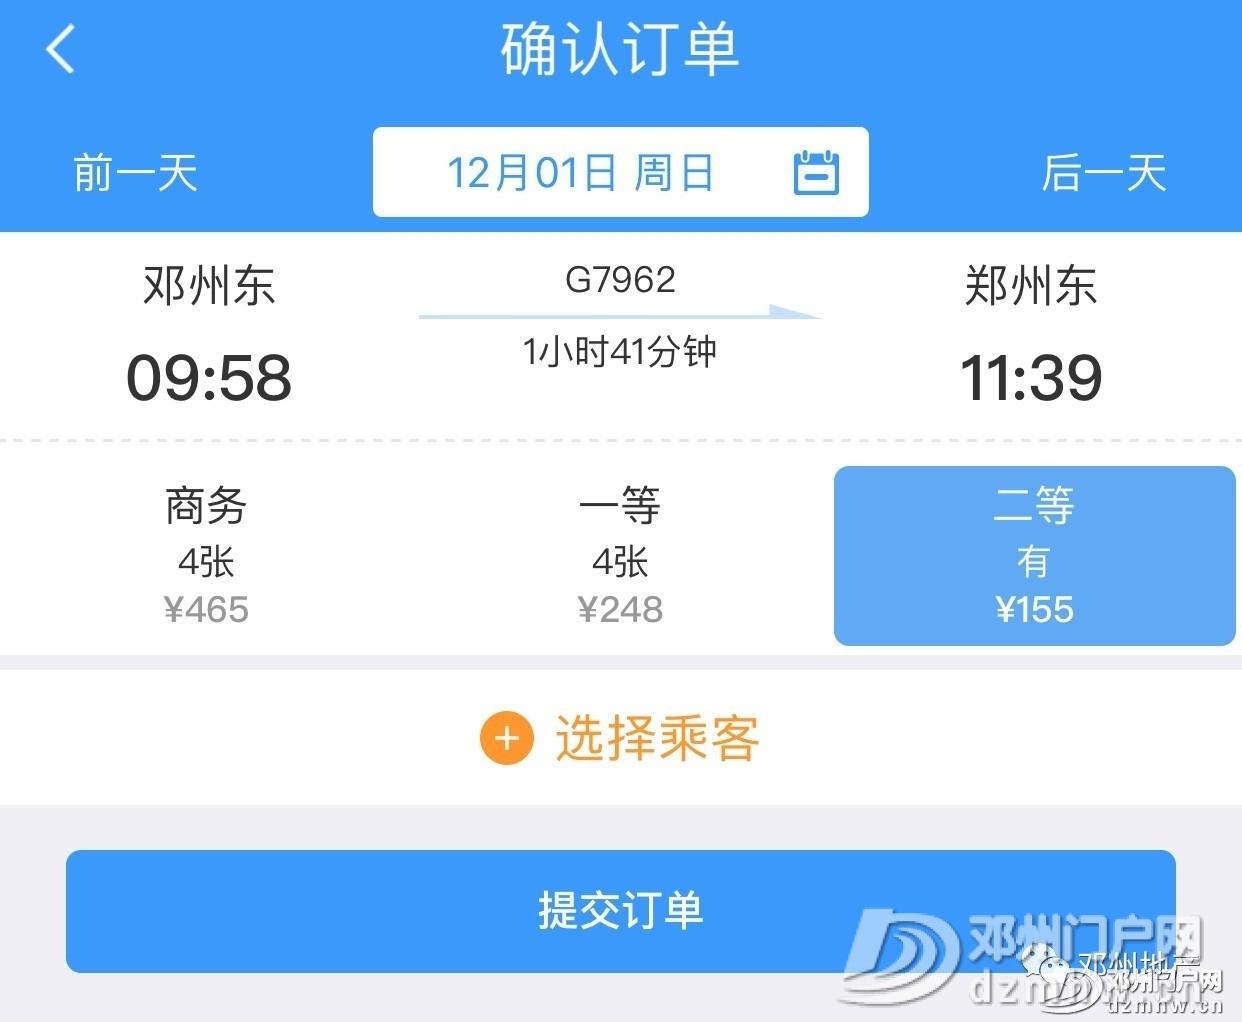 邓州高铁通往北上广深杭津成等城市票价和时刻表来了 - 邓州门户网 邓州网 - b8ed23a4d2cd1d402a1301664f160eb2.jpg